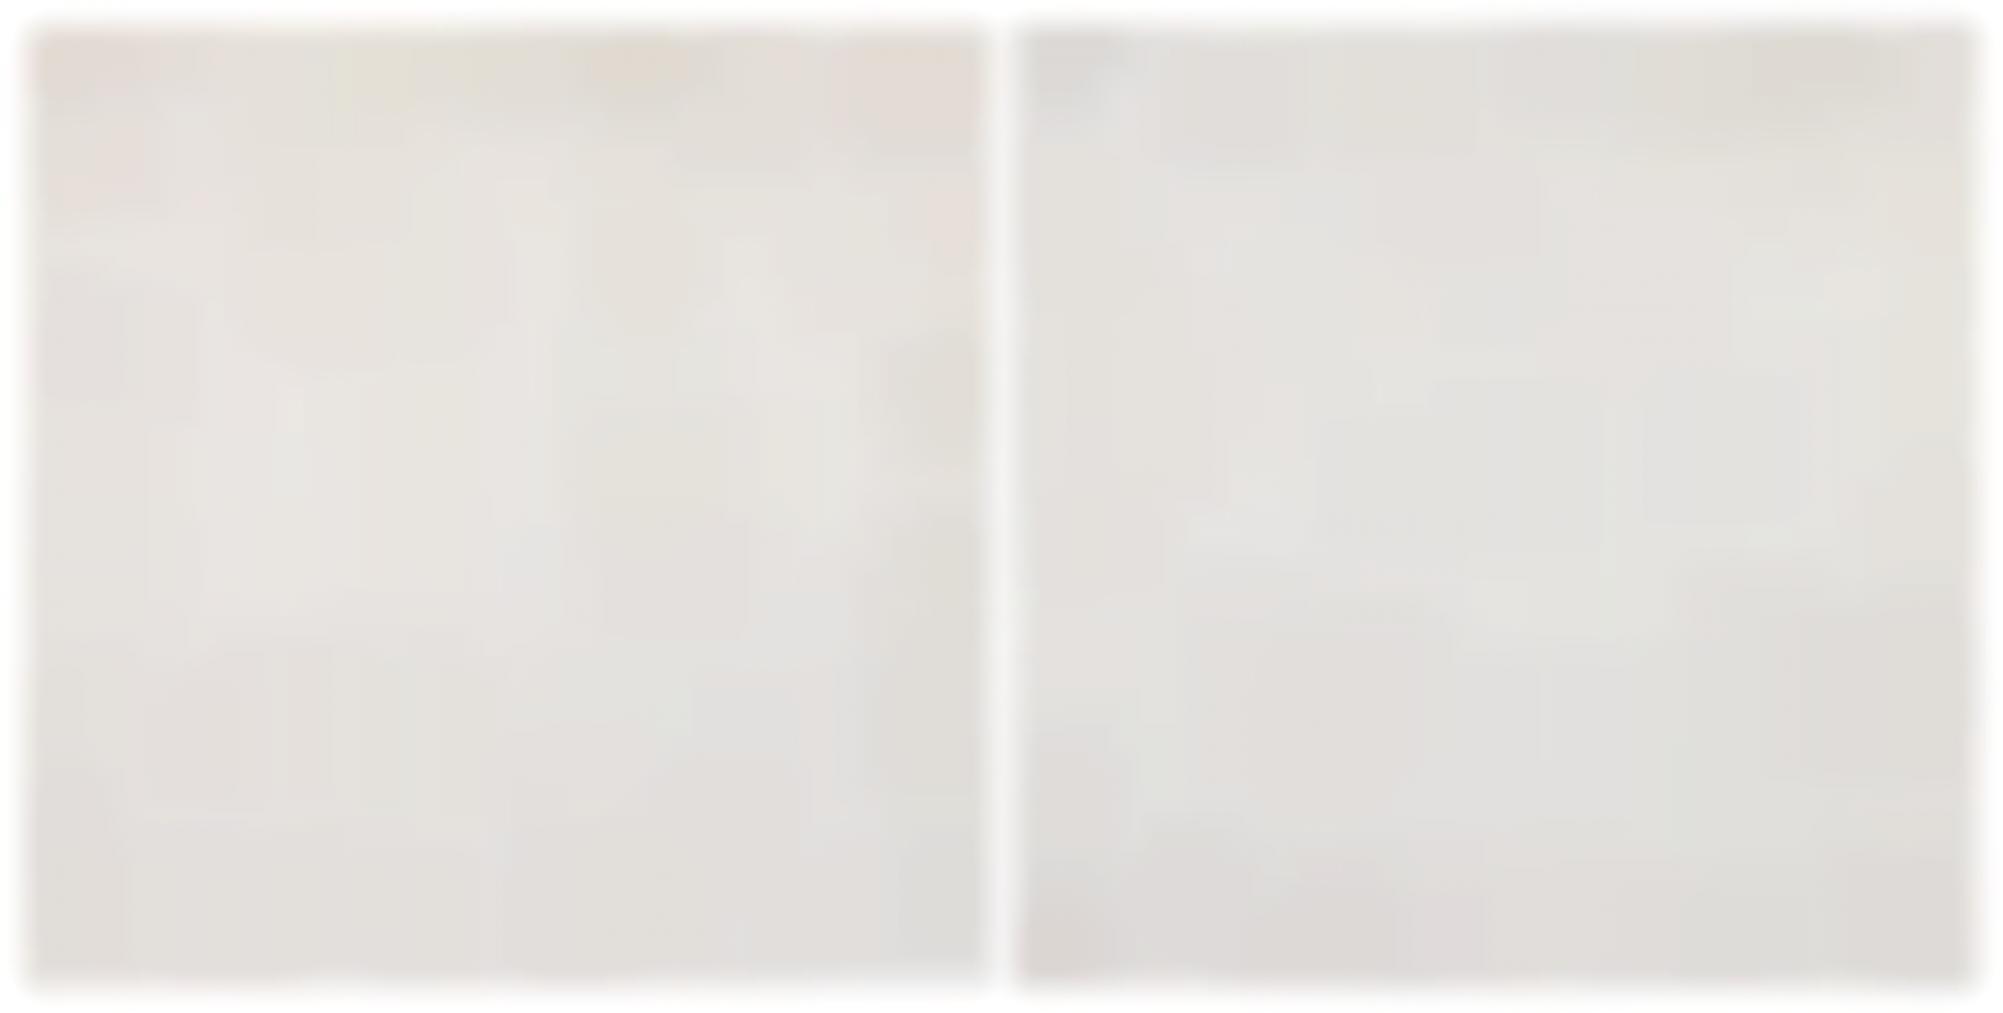 Tomas Rajlich-Each: Untitled-1974